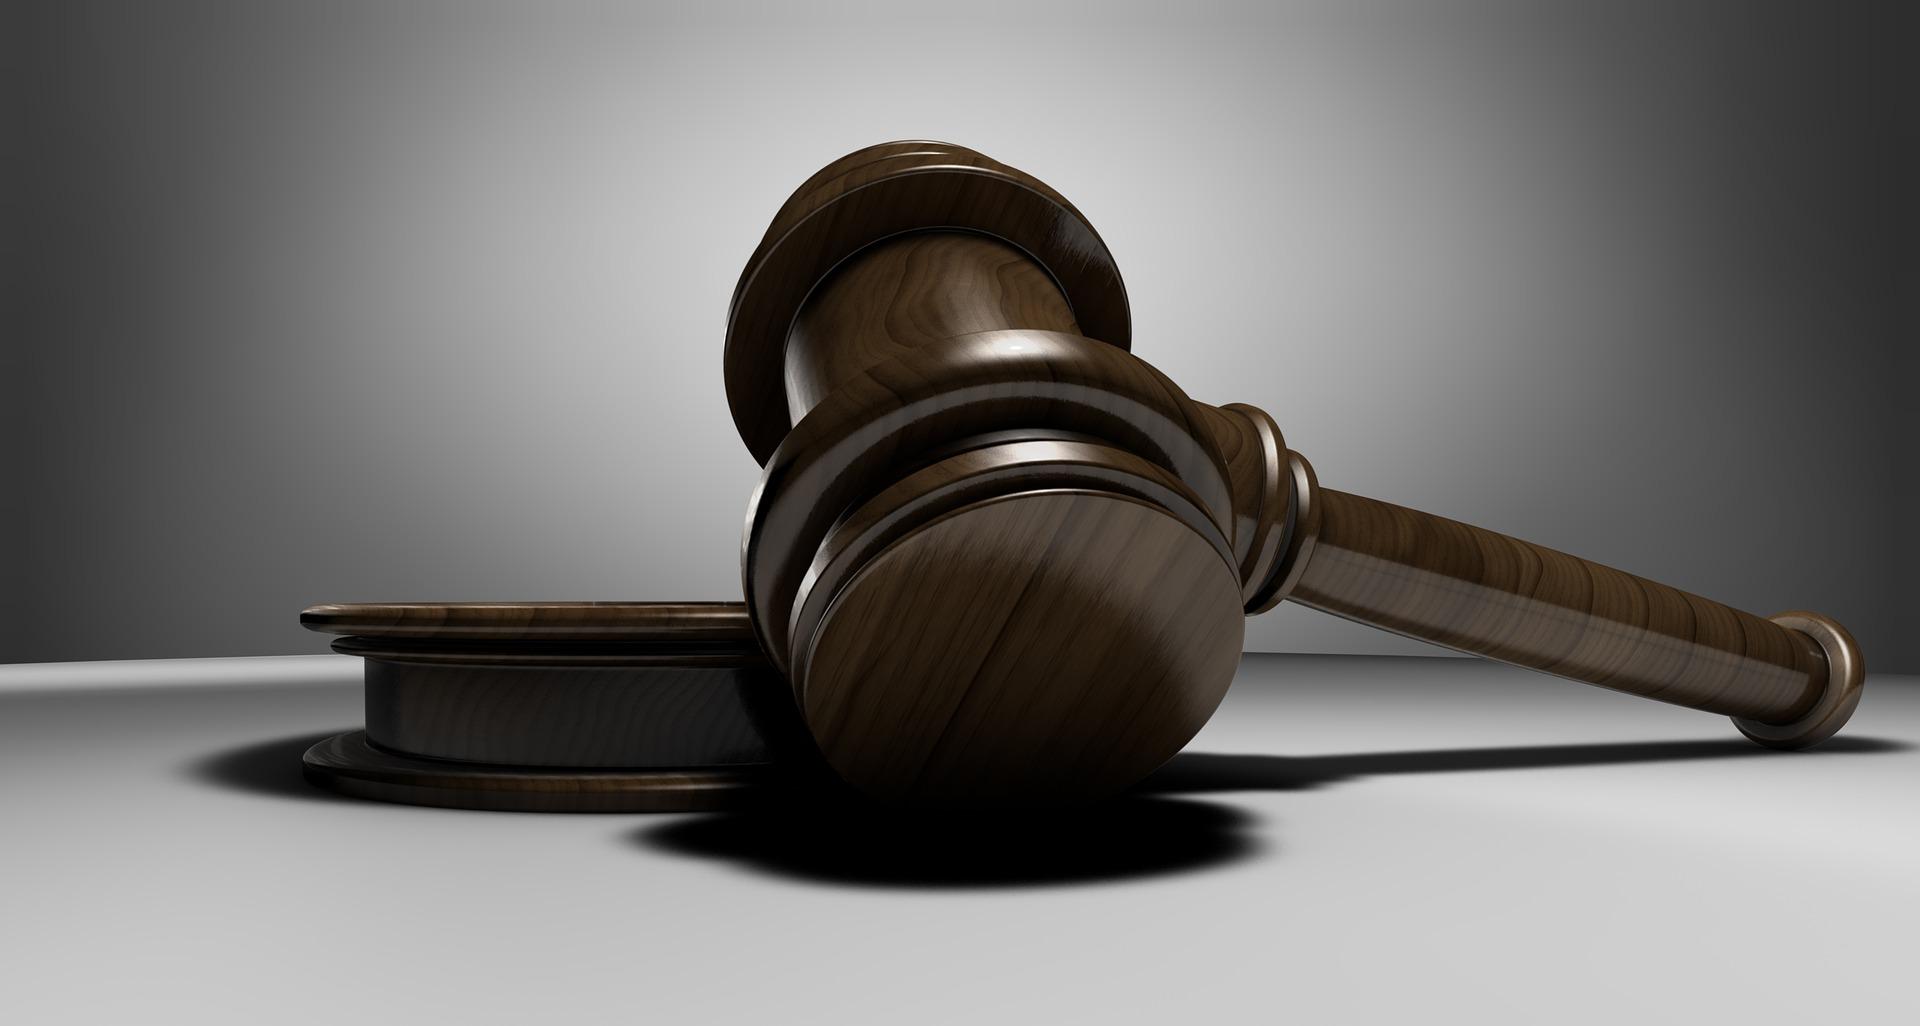 Судове оскарження незаконних адмінпротоколів і штрафів про порушення правил карантину.